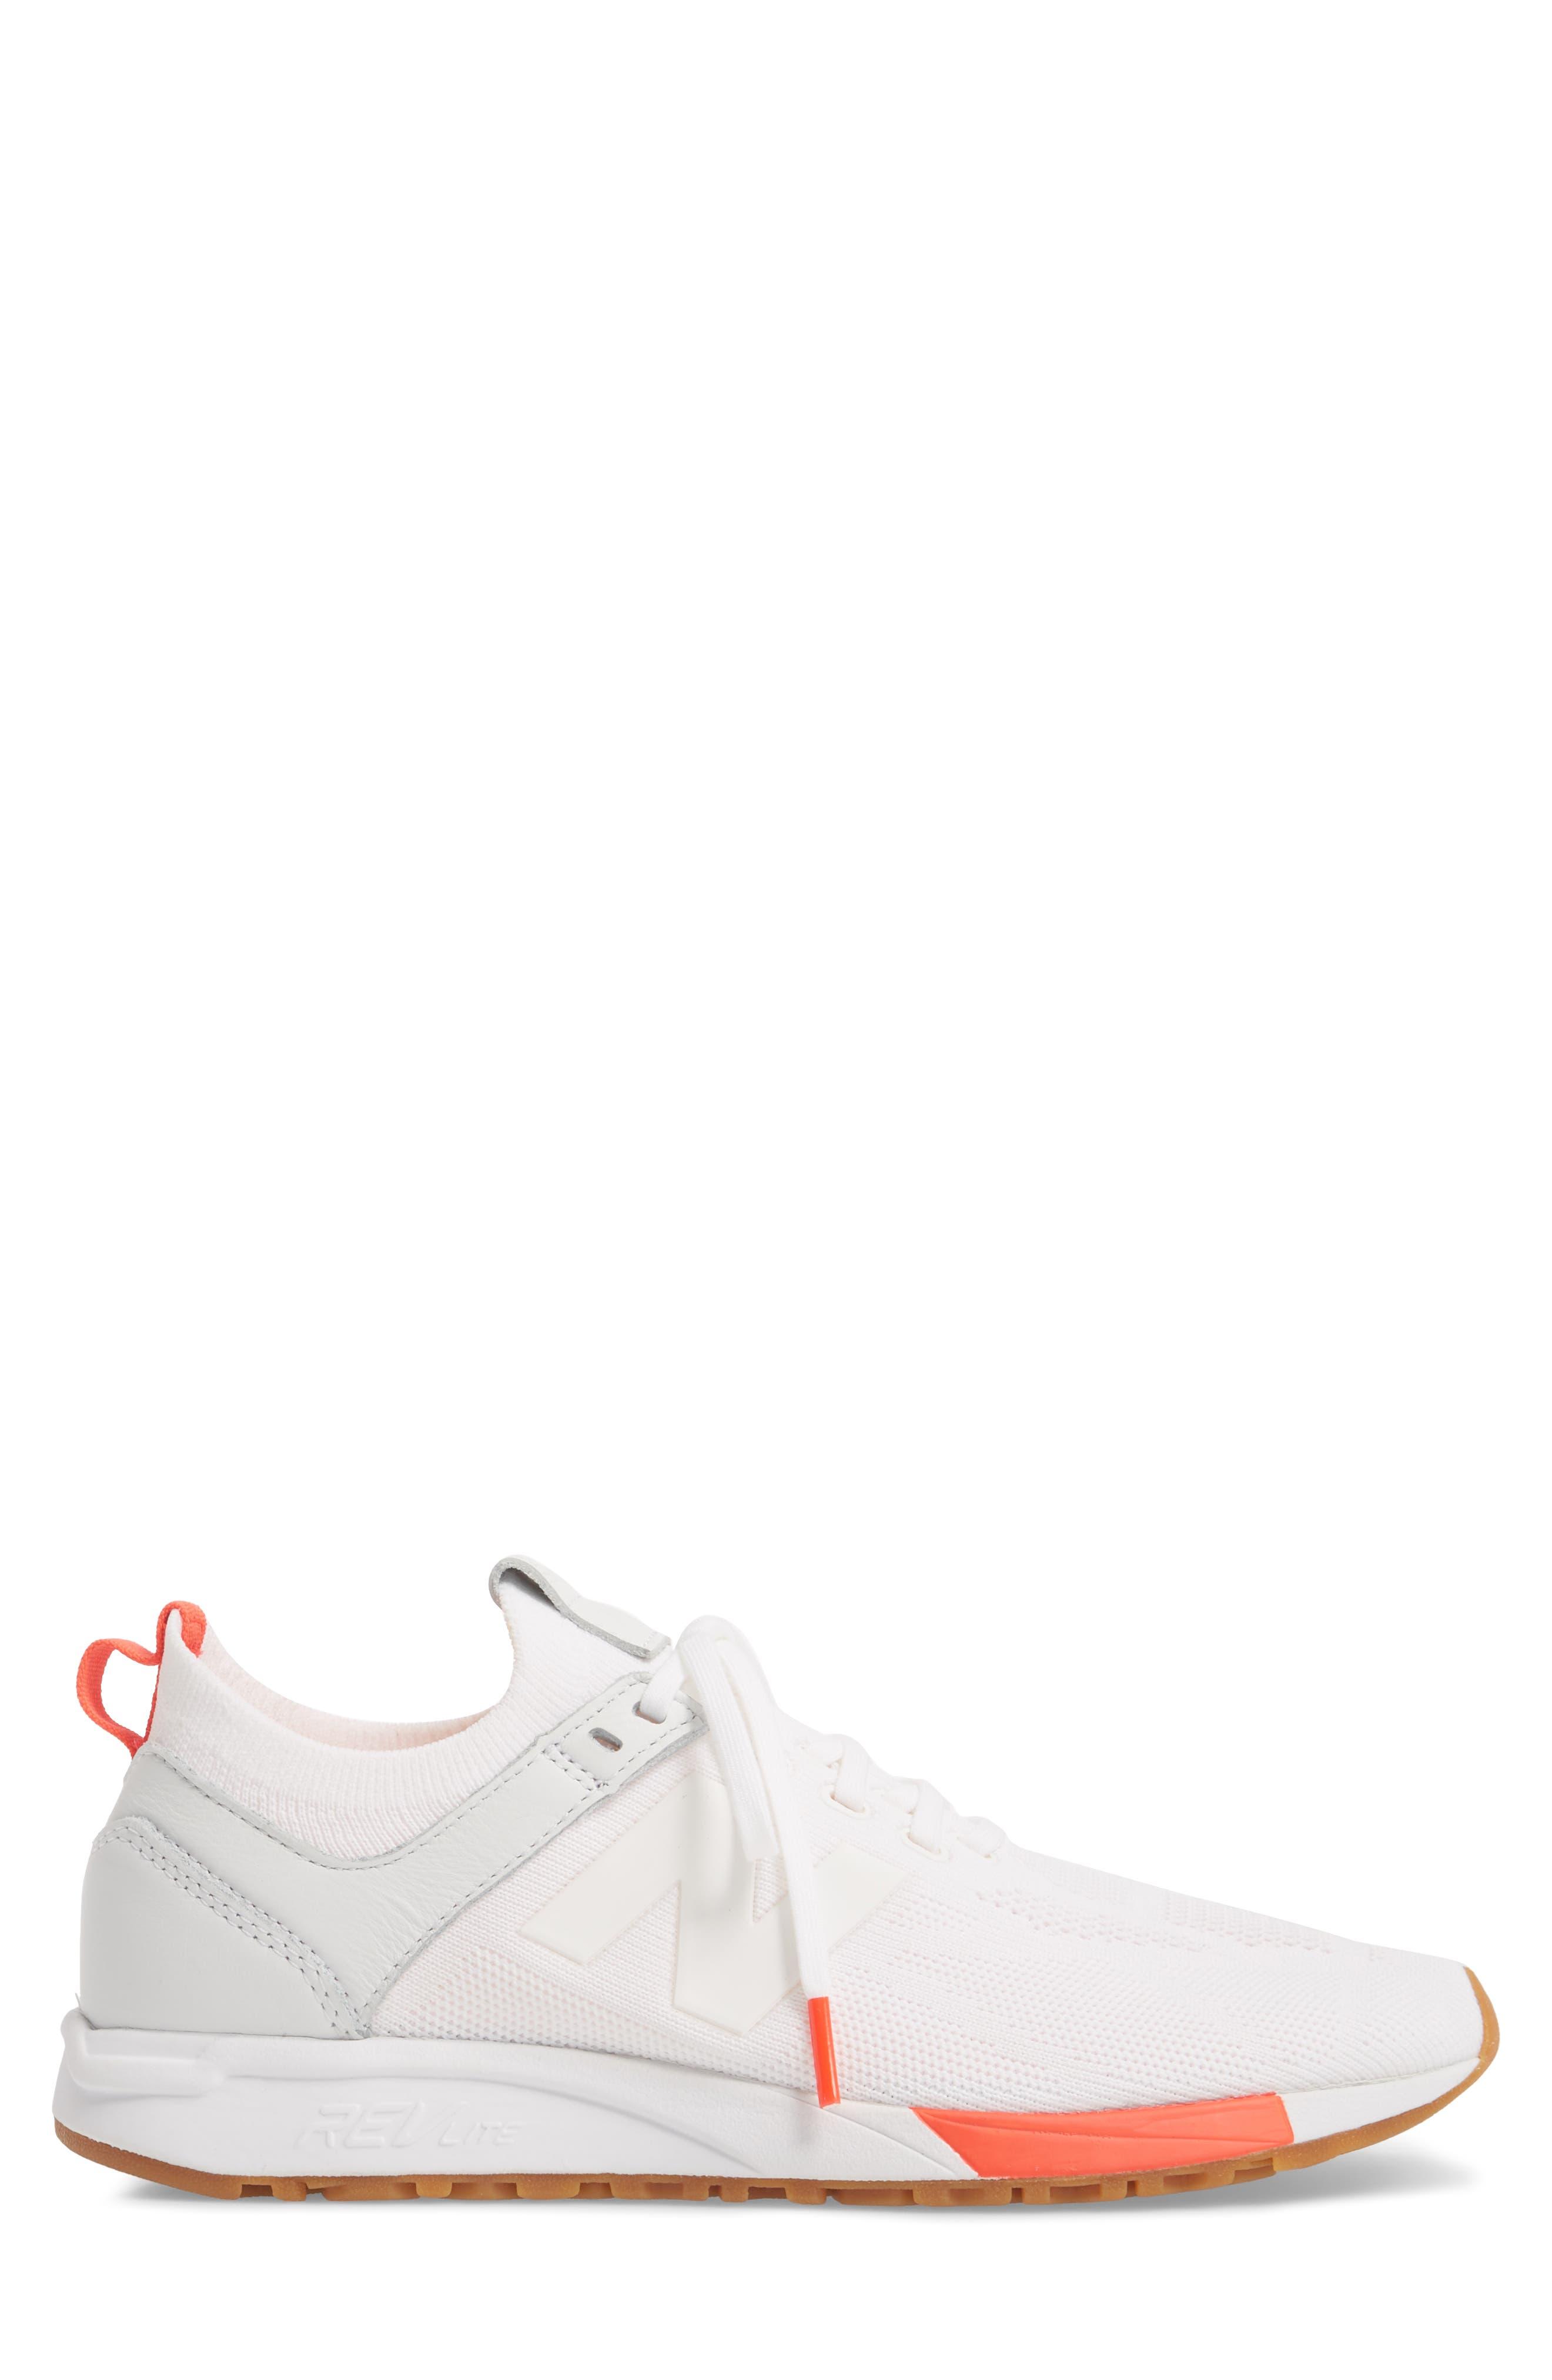 247 Sneaker,                             Alternate thumbnail 3, color,                             WHITE